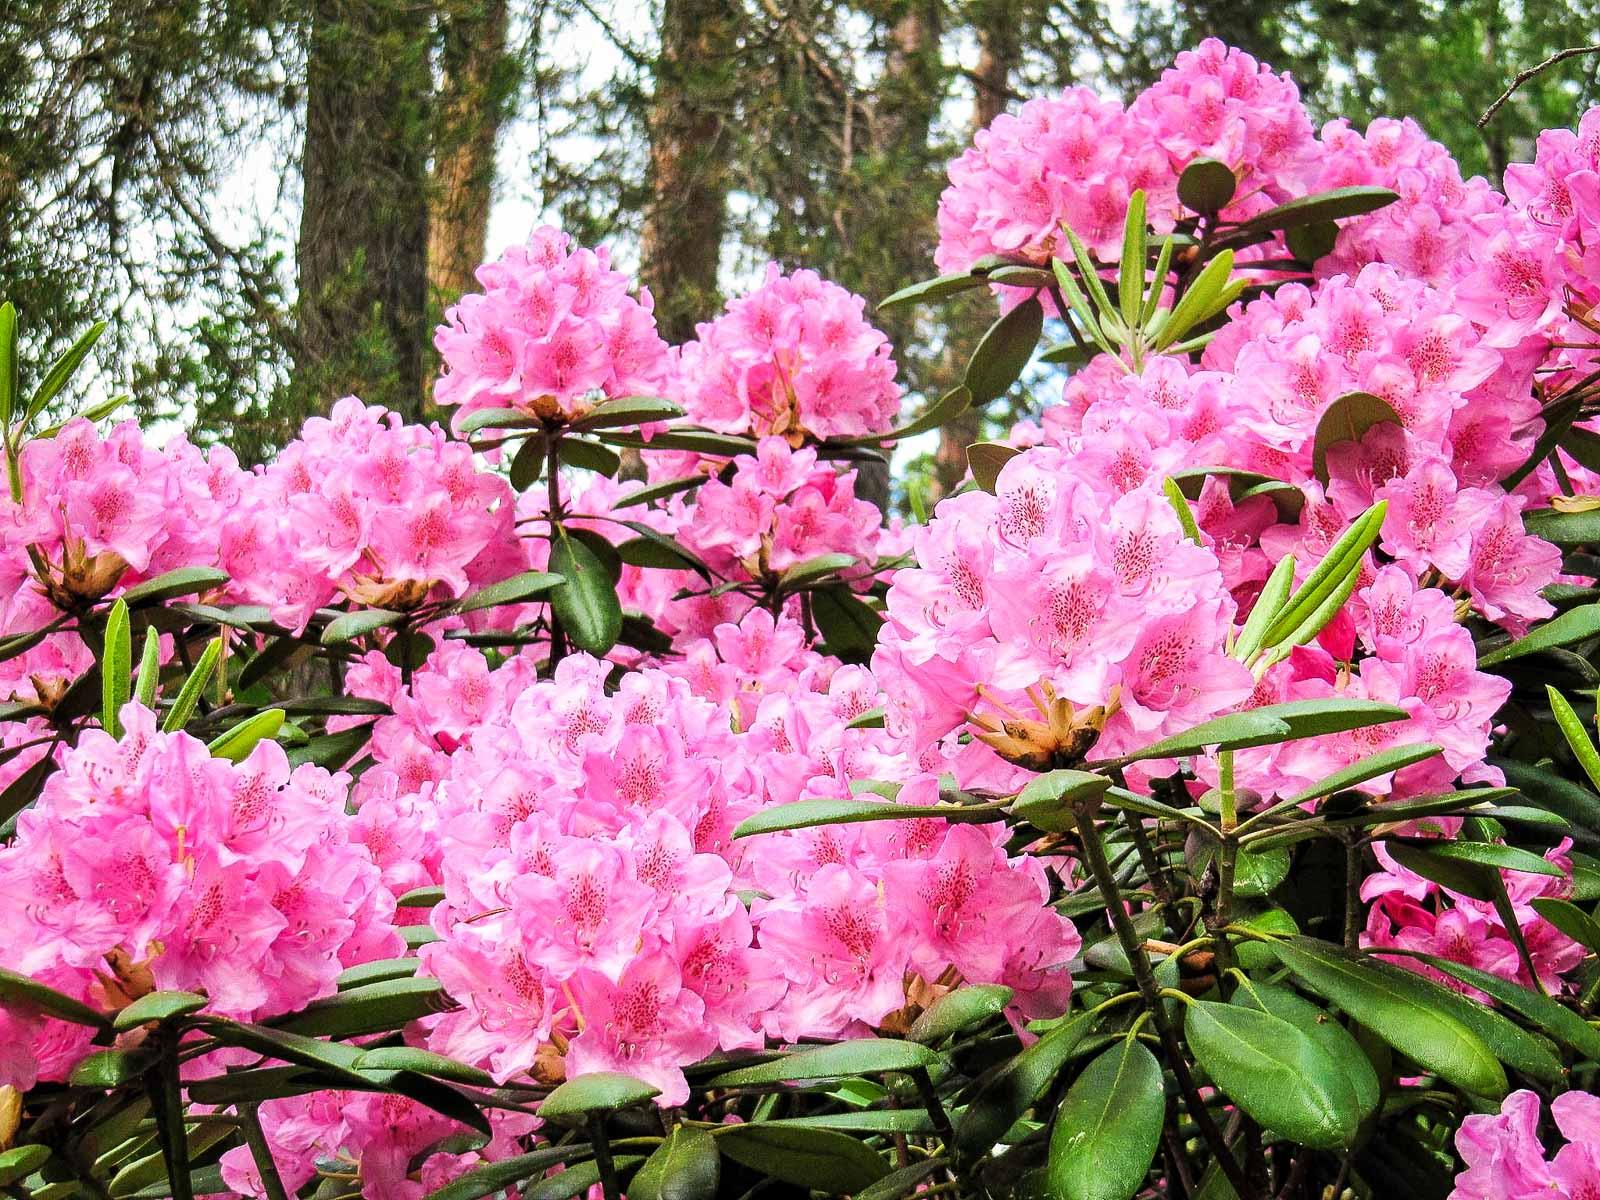 Pinkit rhododendronit Koskelanpuistossa Äänekoskella. Kuva: Elina Tarvainen